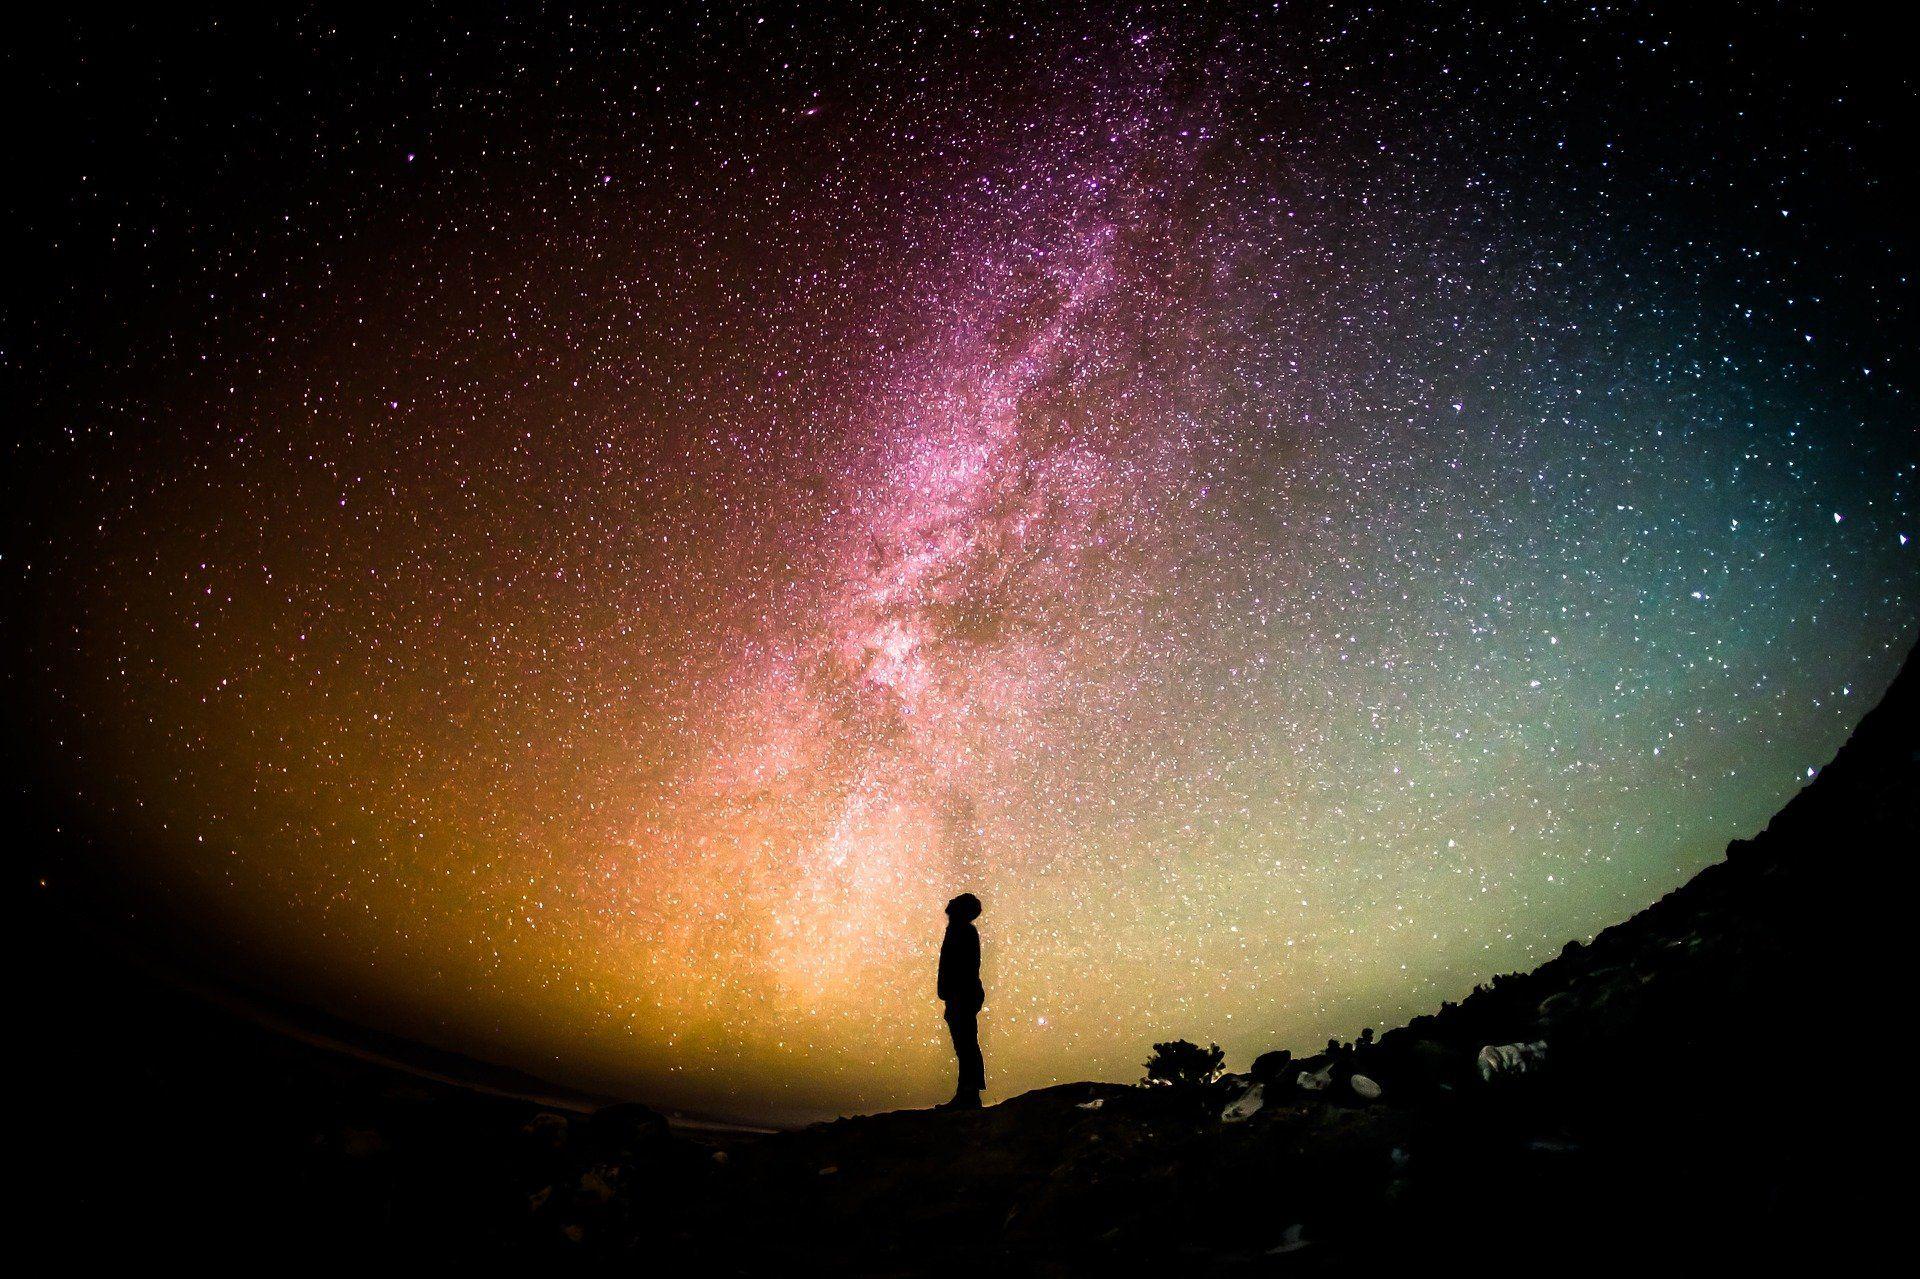 Стив Возняк объявил озапуске своей космической компании